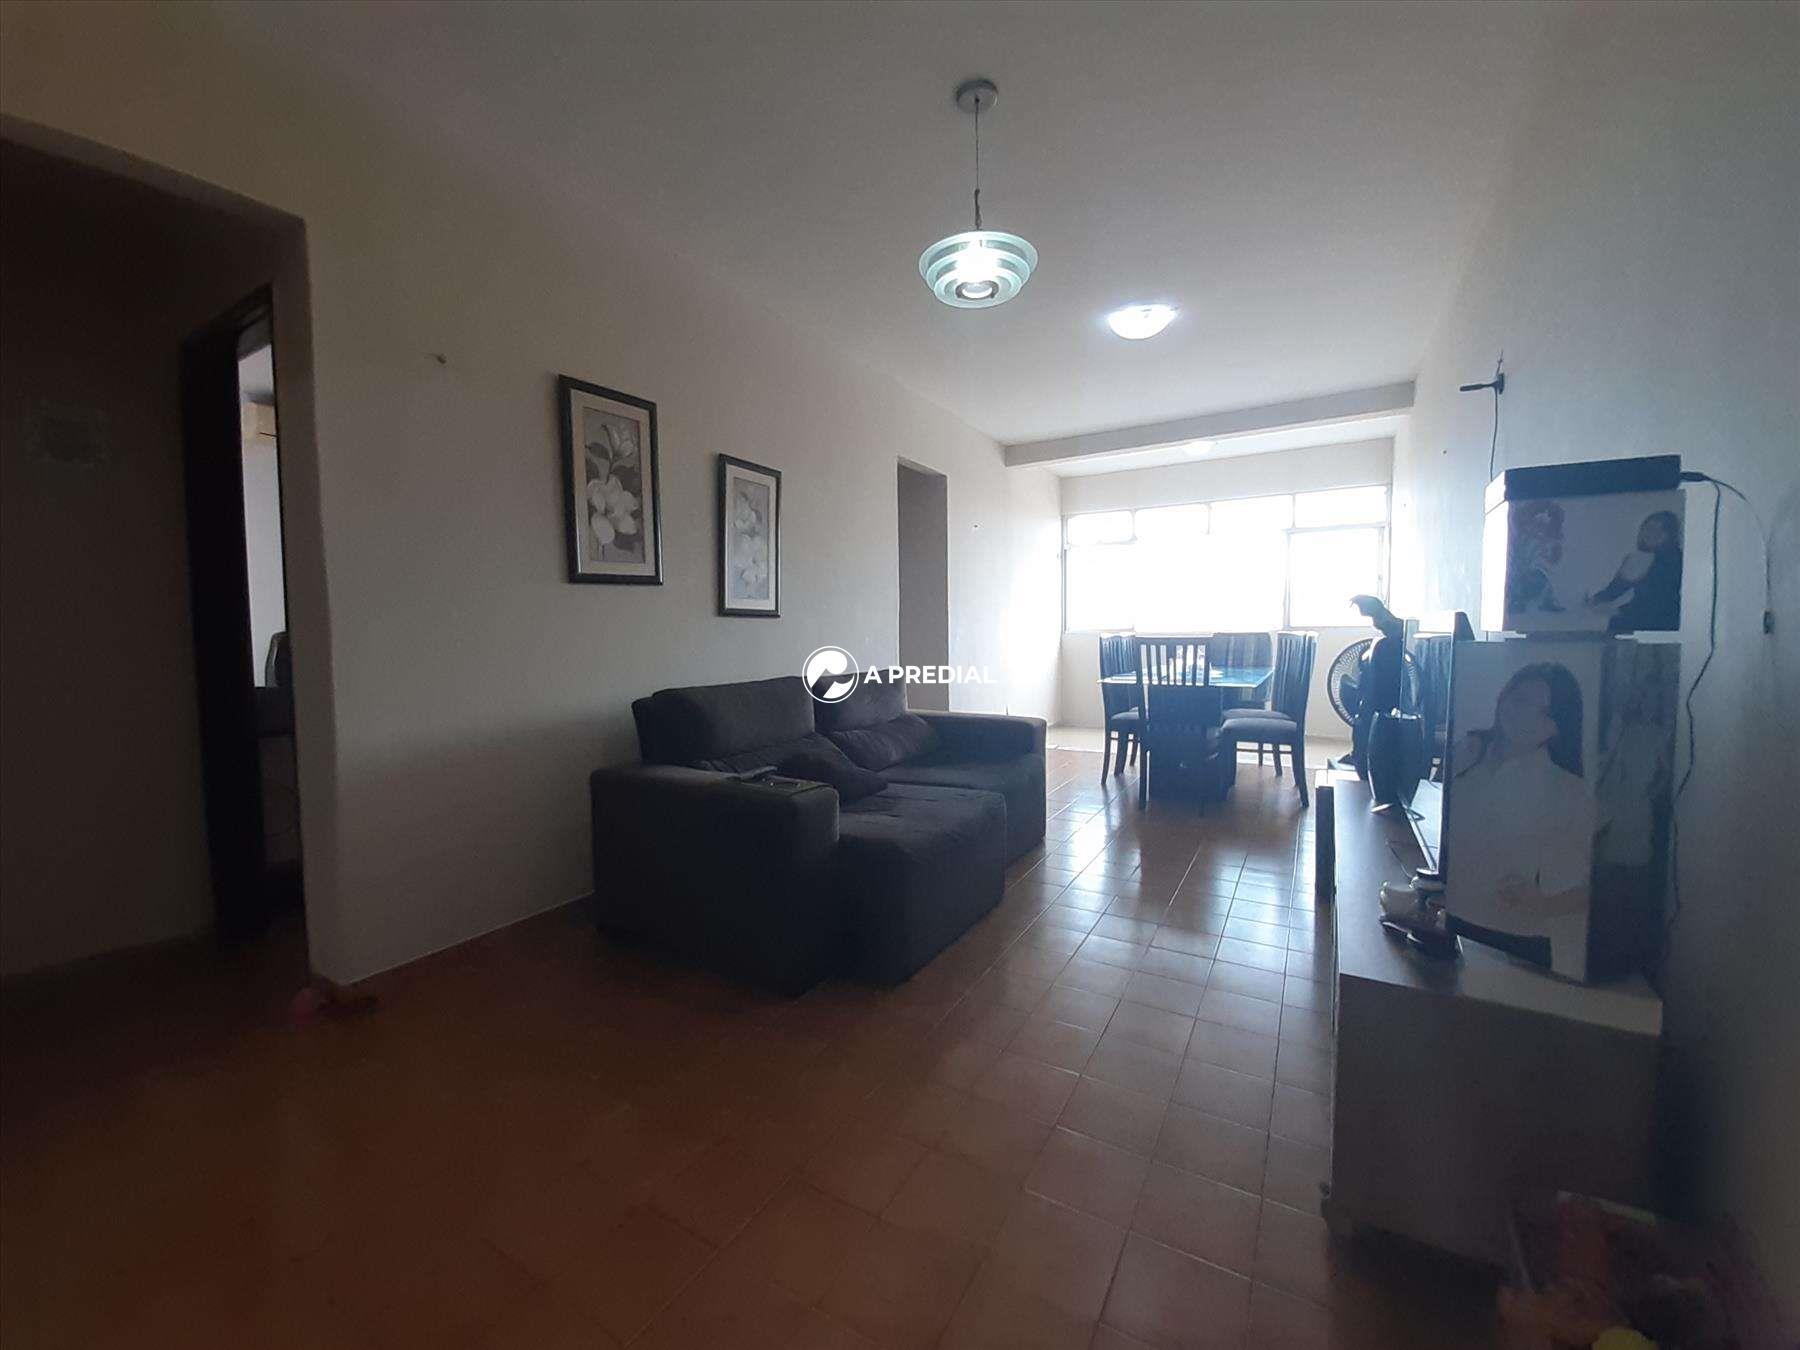 Apartamento à venda no Jacarecanga: d3ff45d4-5-20200304_154856.jpg